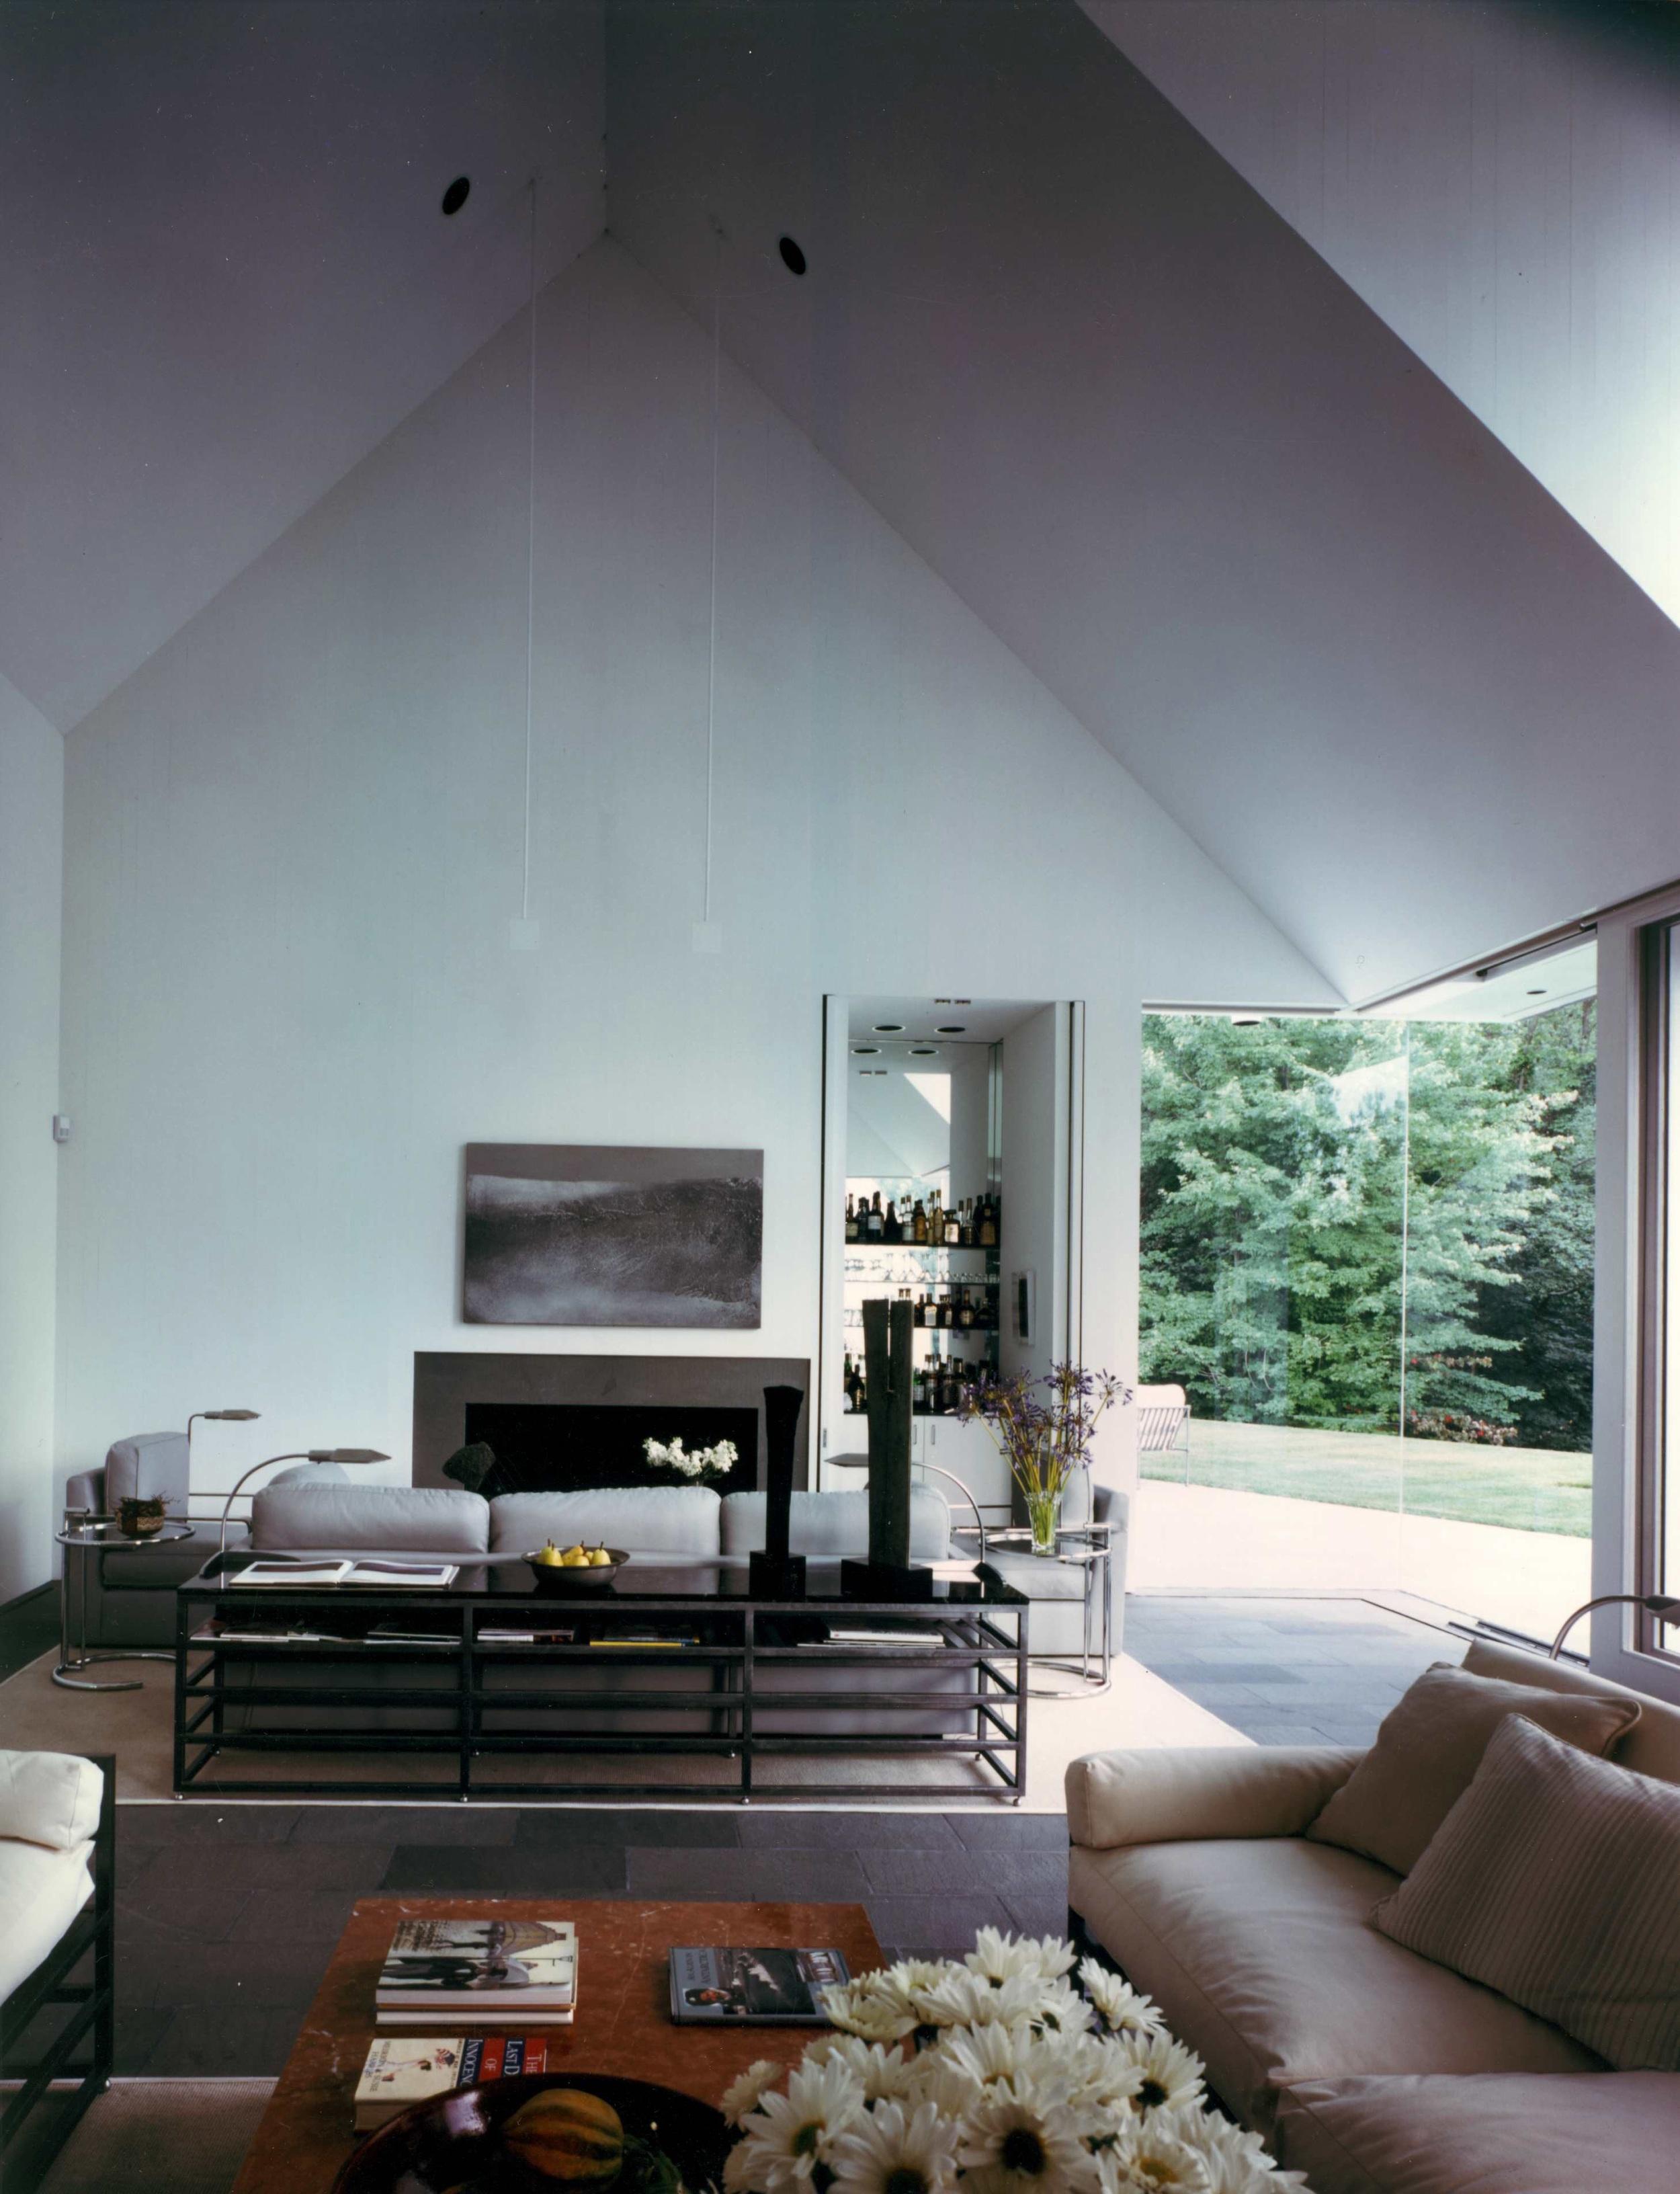 Cornerless windows in Great Barrington,  Massachusetts